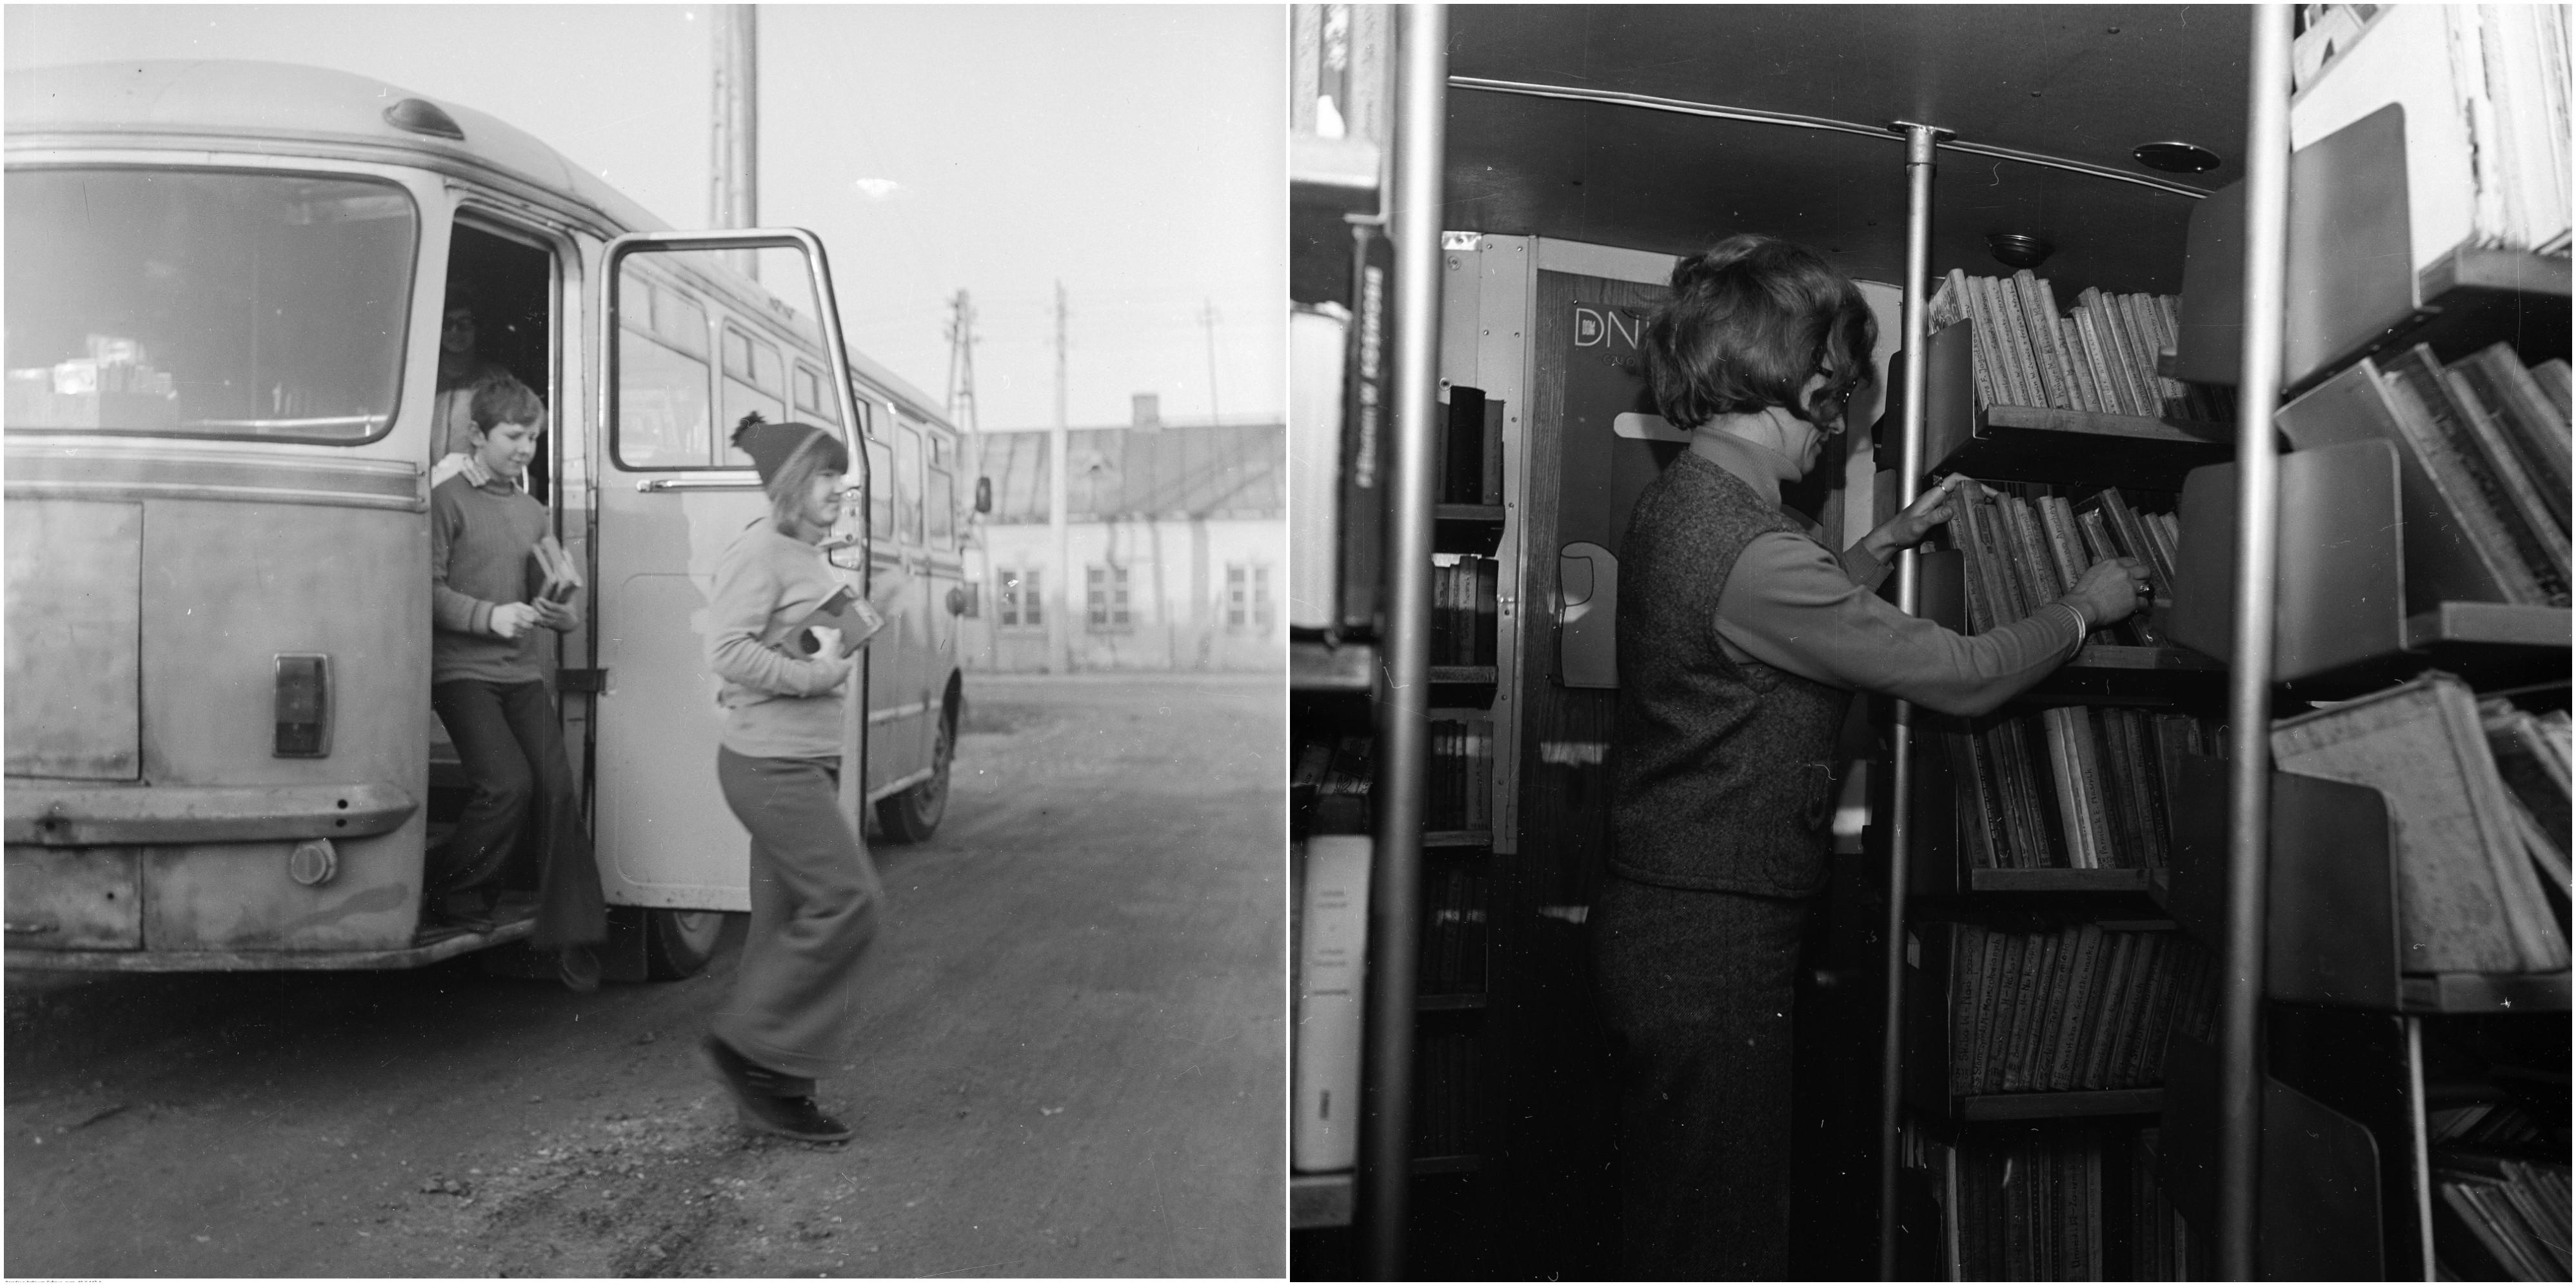 Bibliobus Biblioteki Publicznej w Warszawie, 1973 r. Po lewej dzieci wysiadają z bibliobusu - autobusu San H100, po prawej kierowniczka Barbara Stępniewska we wnętrzu bibliobusu (fot. Archiwum Grażyny Rutowskiej / NAC)